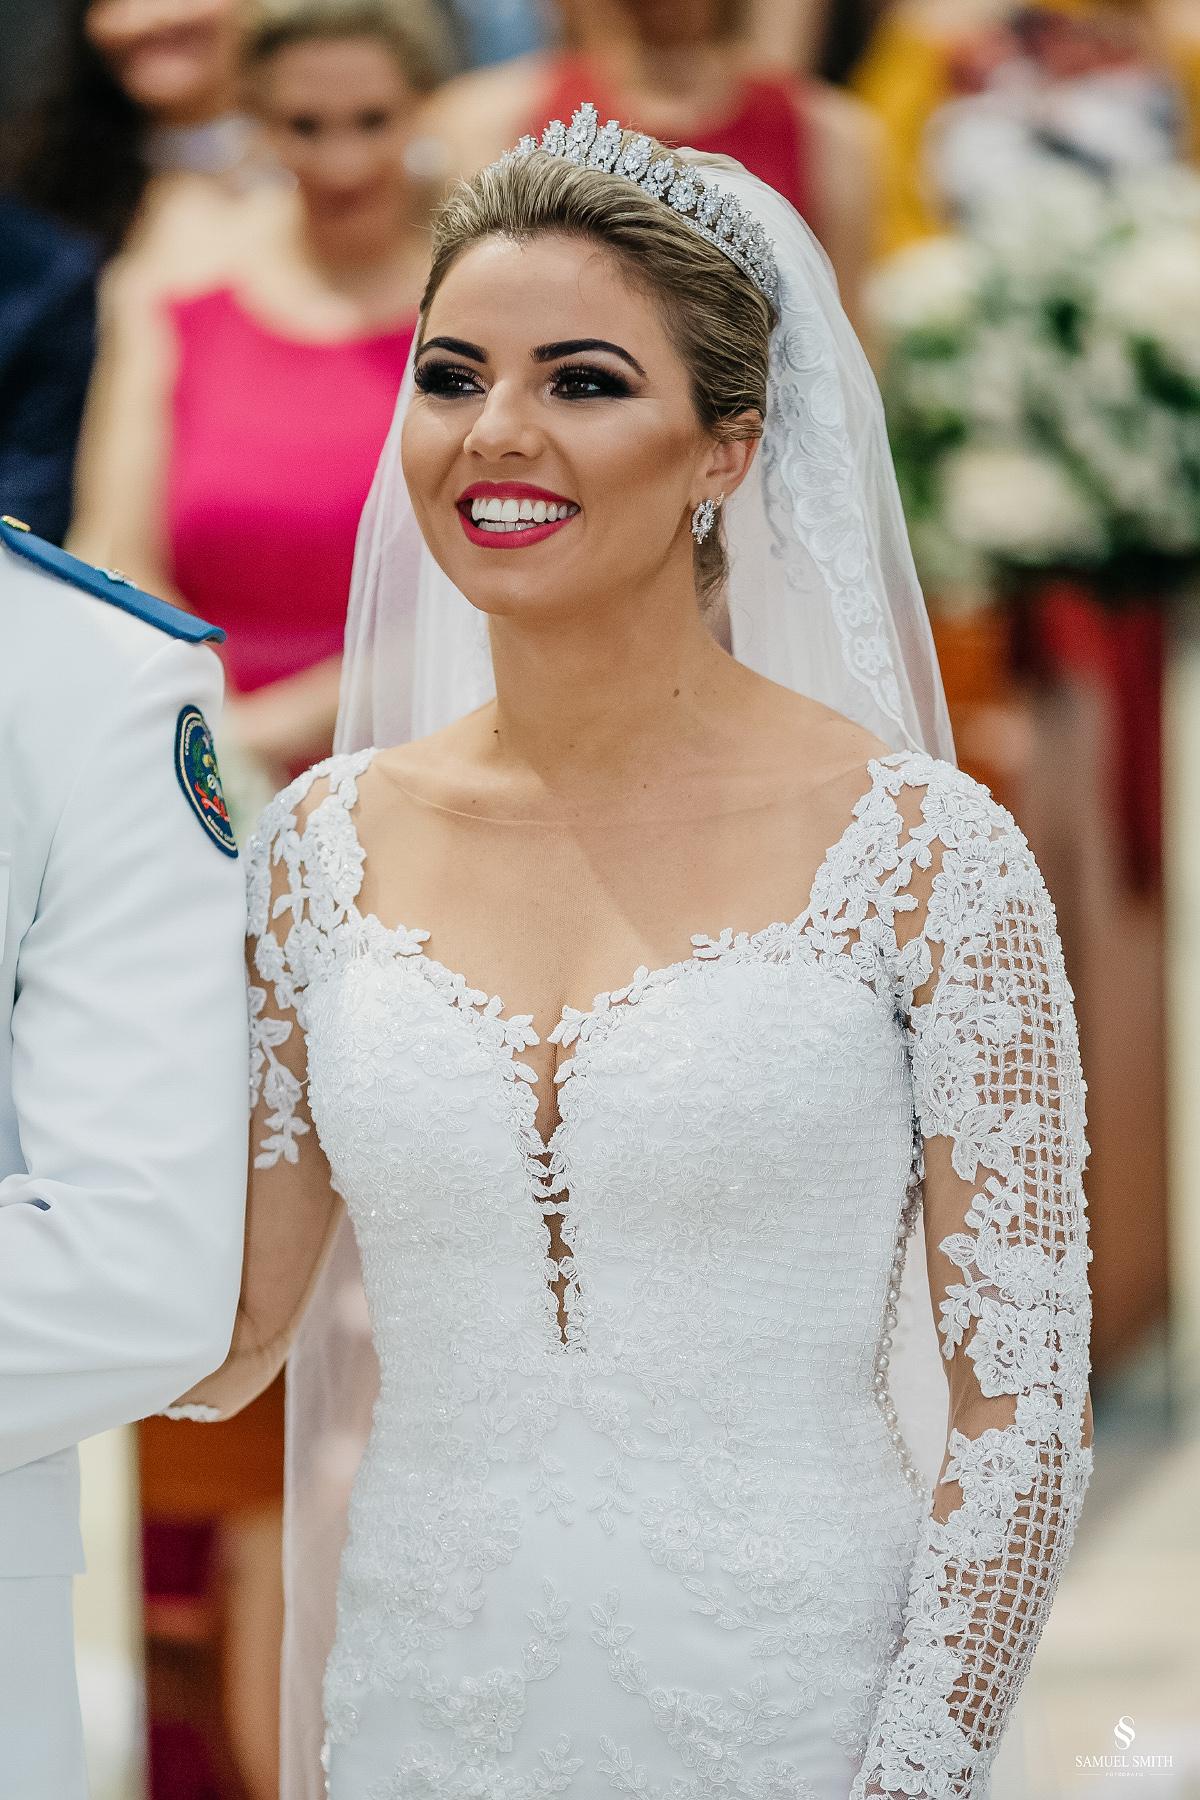 casamento bombeiro militar florianópolis sc fotógrafo samuel smith fotografia (51)